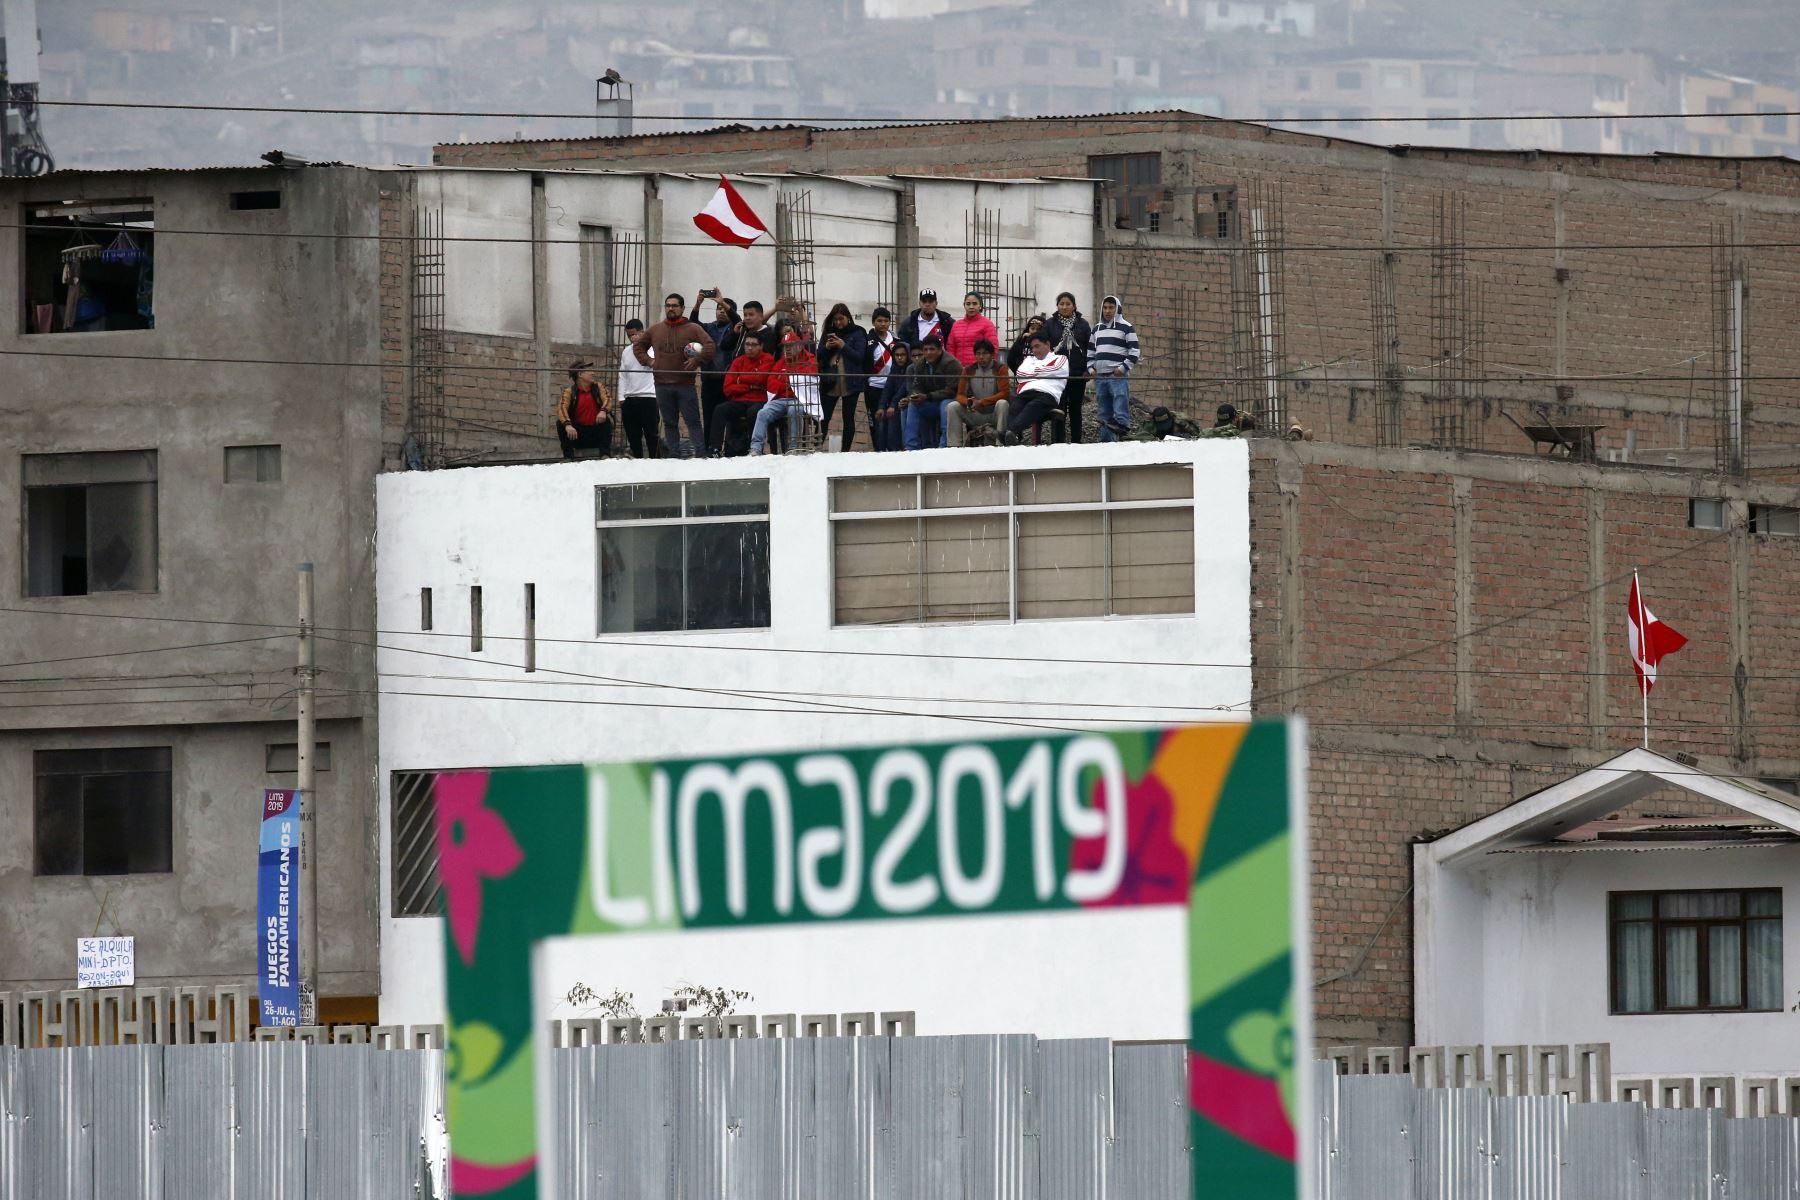 En el techo de una casa de los al rededores del Complejo deportivo Villa Maria del Triunfo, en pleno 28 de Julio, una familia se reúne para presenciar el partido final de Rugby Sevens femenino y masculino. Foto: ANDINA/ Lima 2019